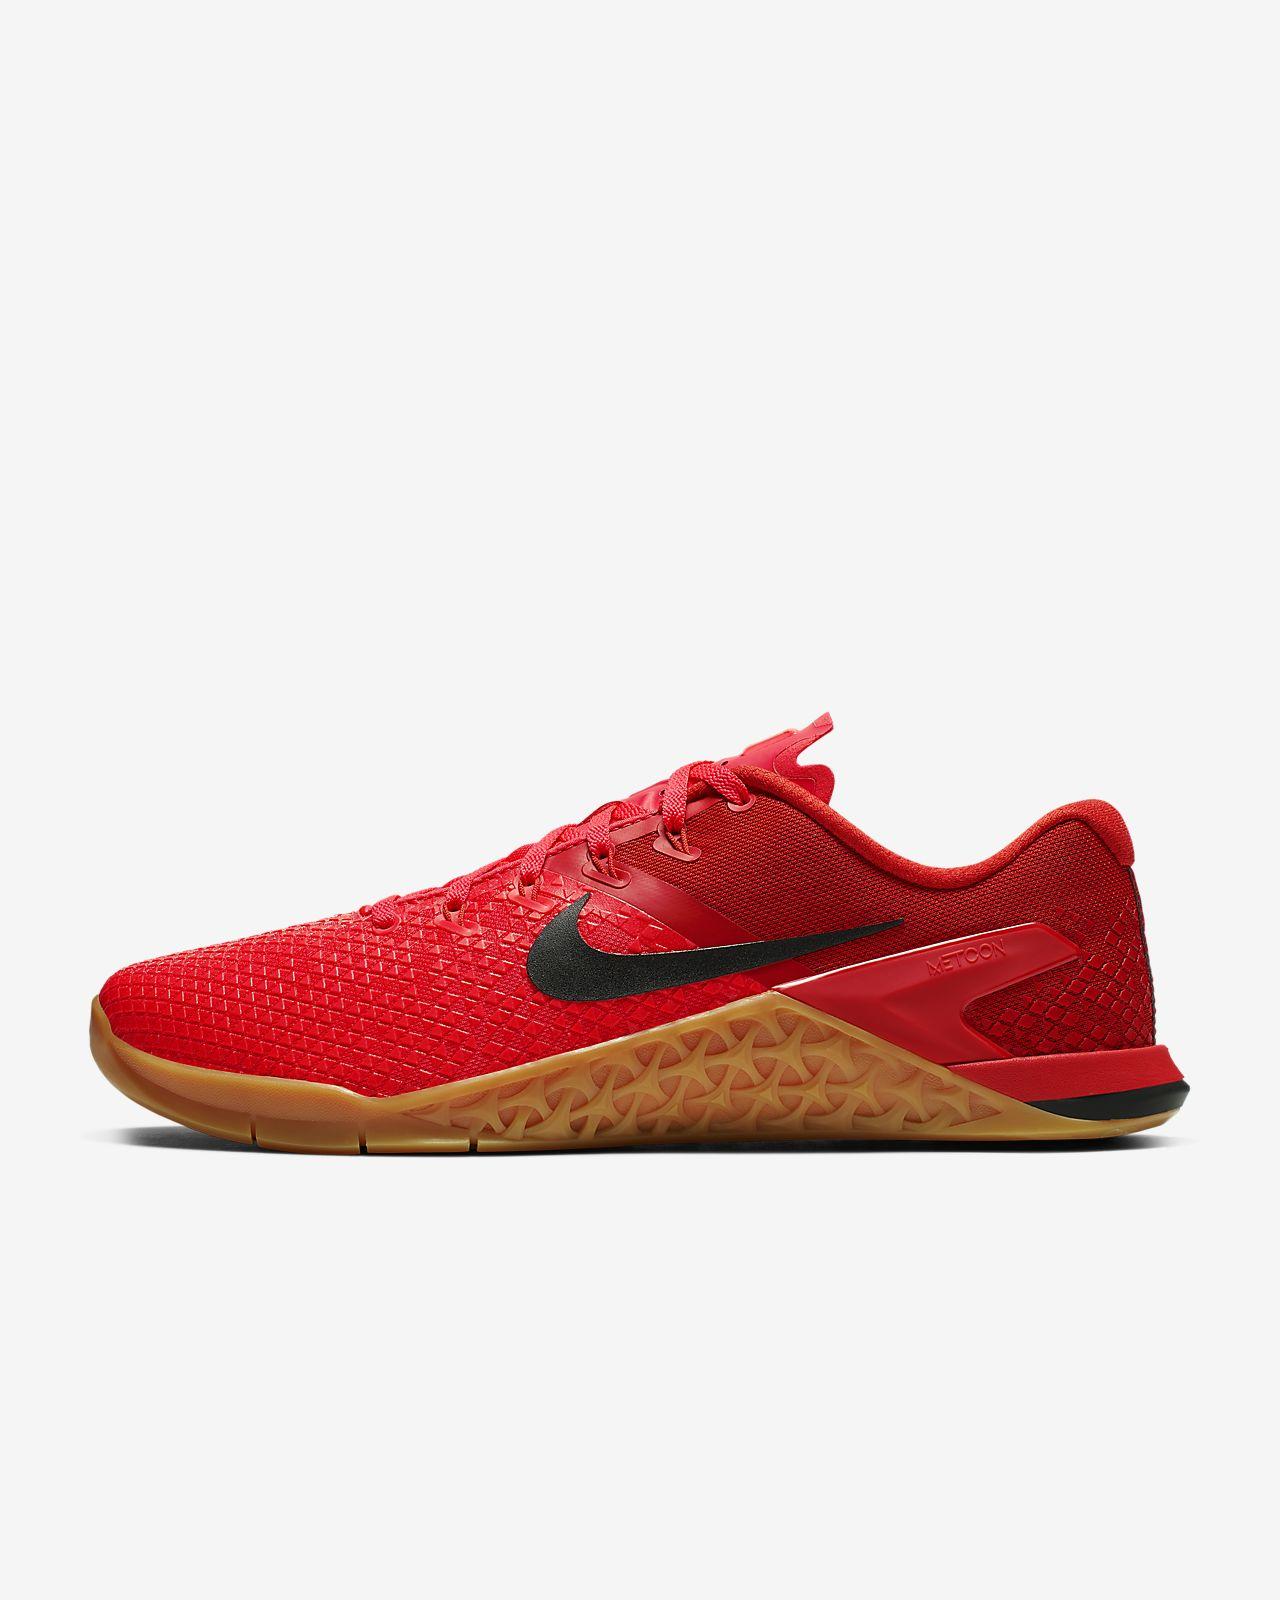 Ανδρικό παπούτσι προπόνησης Nike Metcon 4 XD